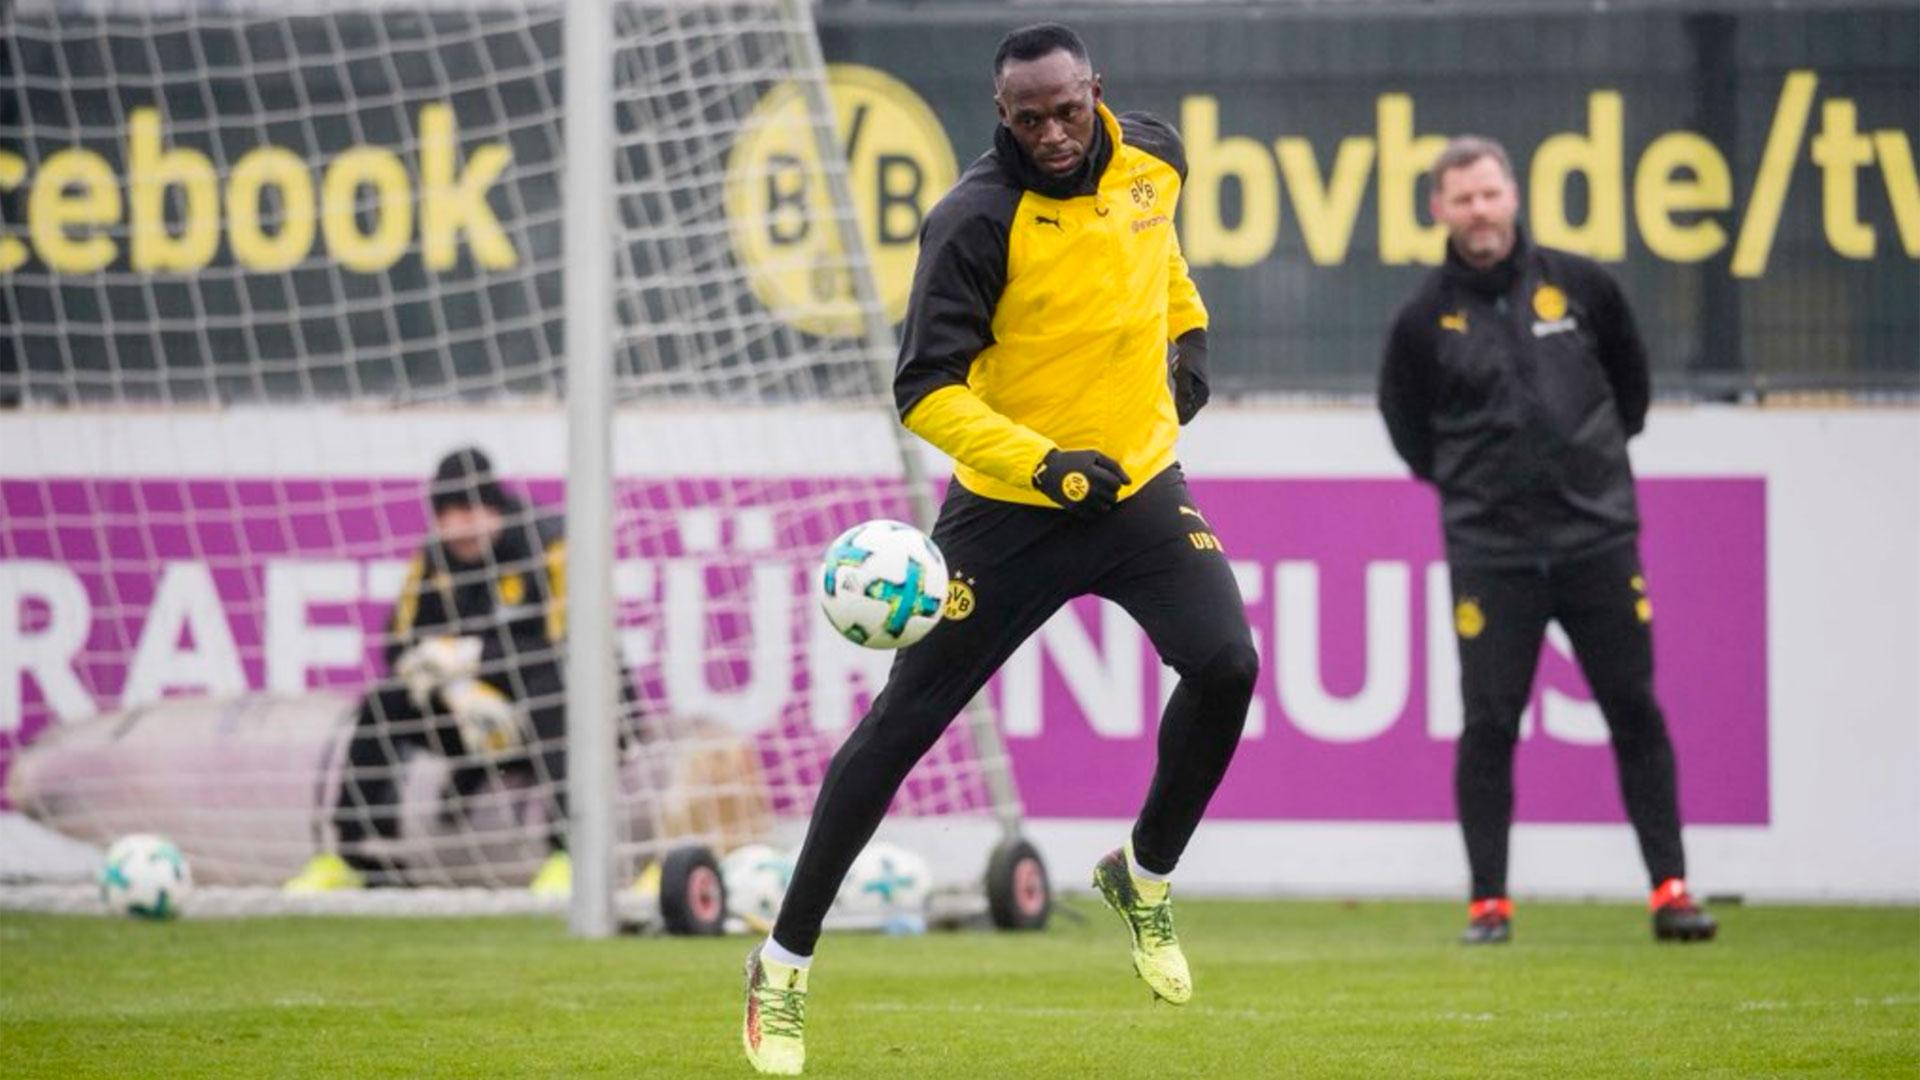 Luego de haber entrenador en el Borussia Dortmund, el ex atleta Usain Bolt se ofreció a la MLS de Estados Unidos